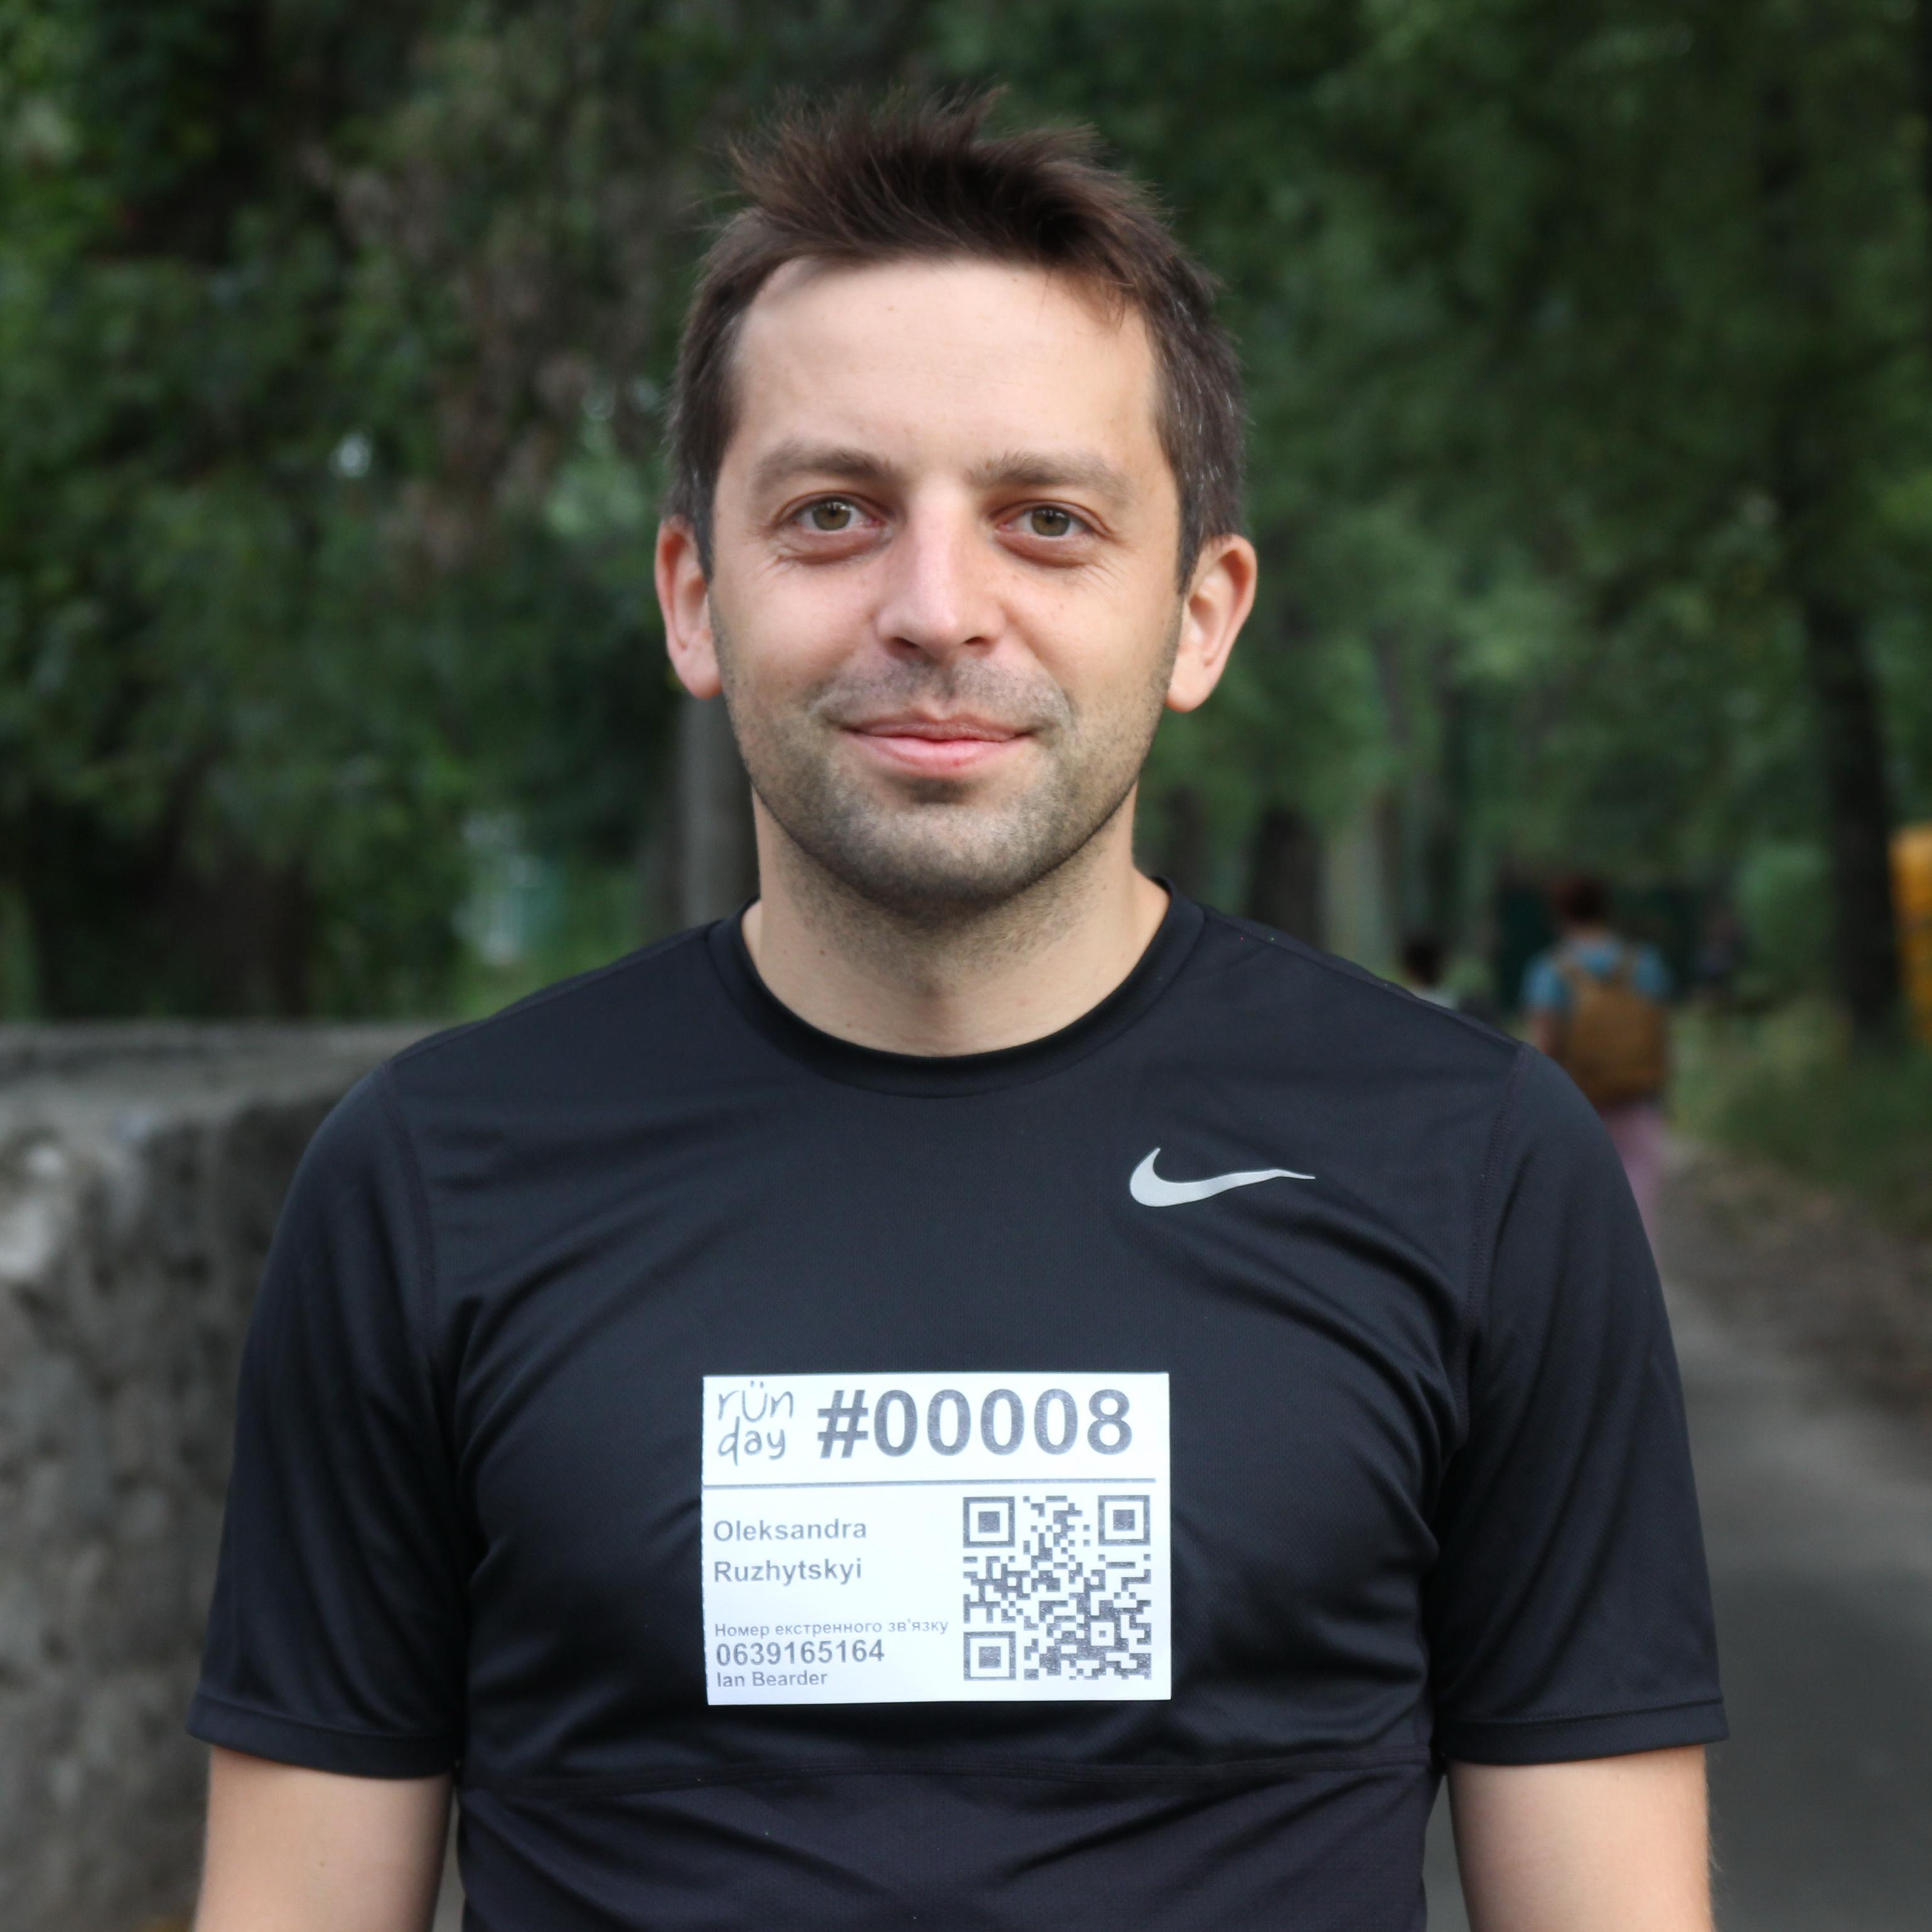 Oleksandr Ruzhytskyi